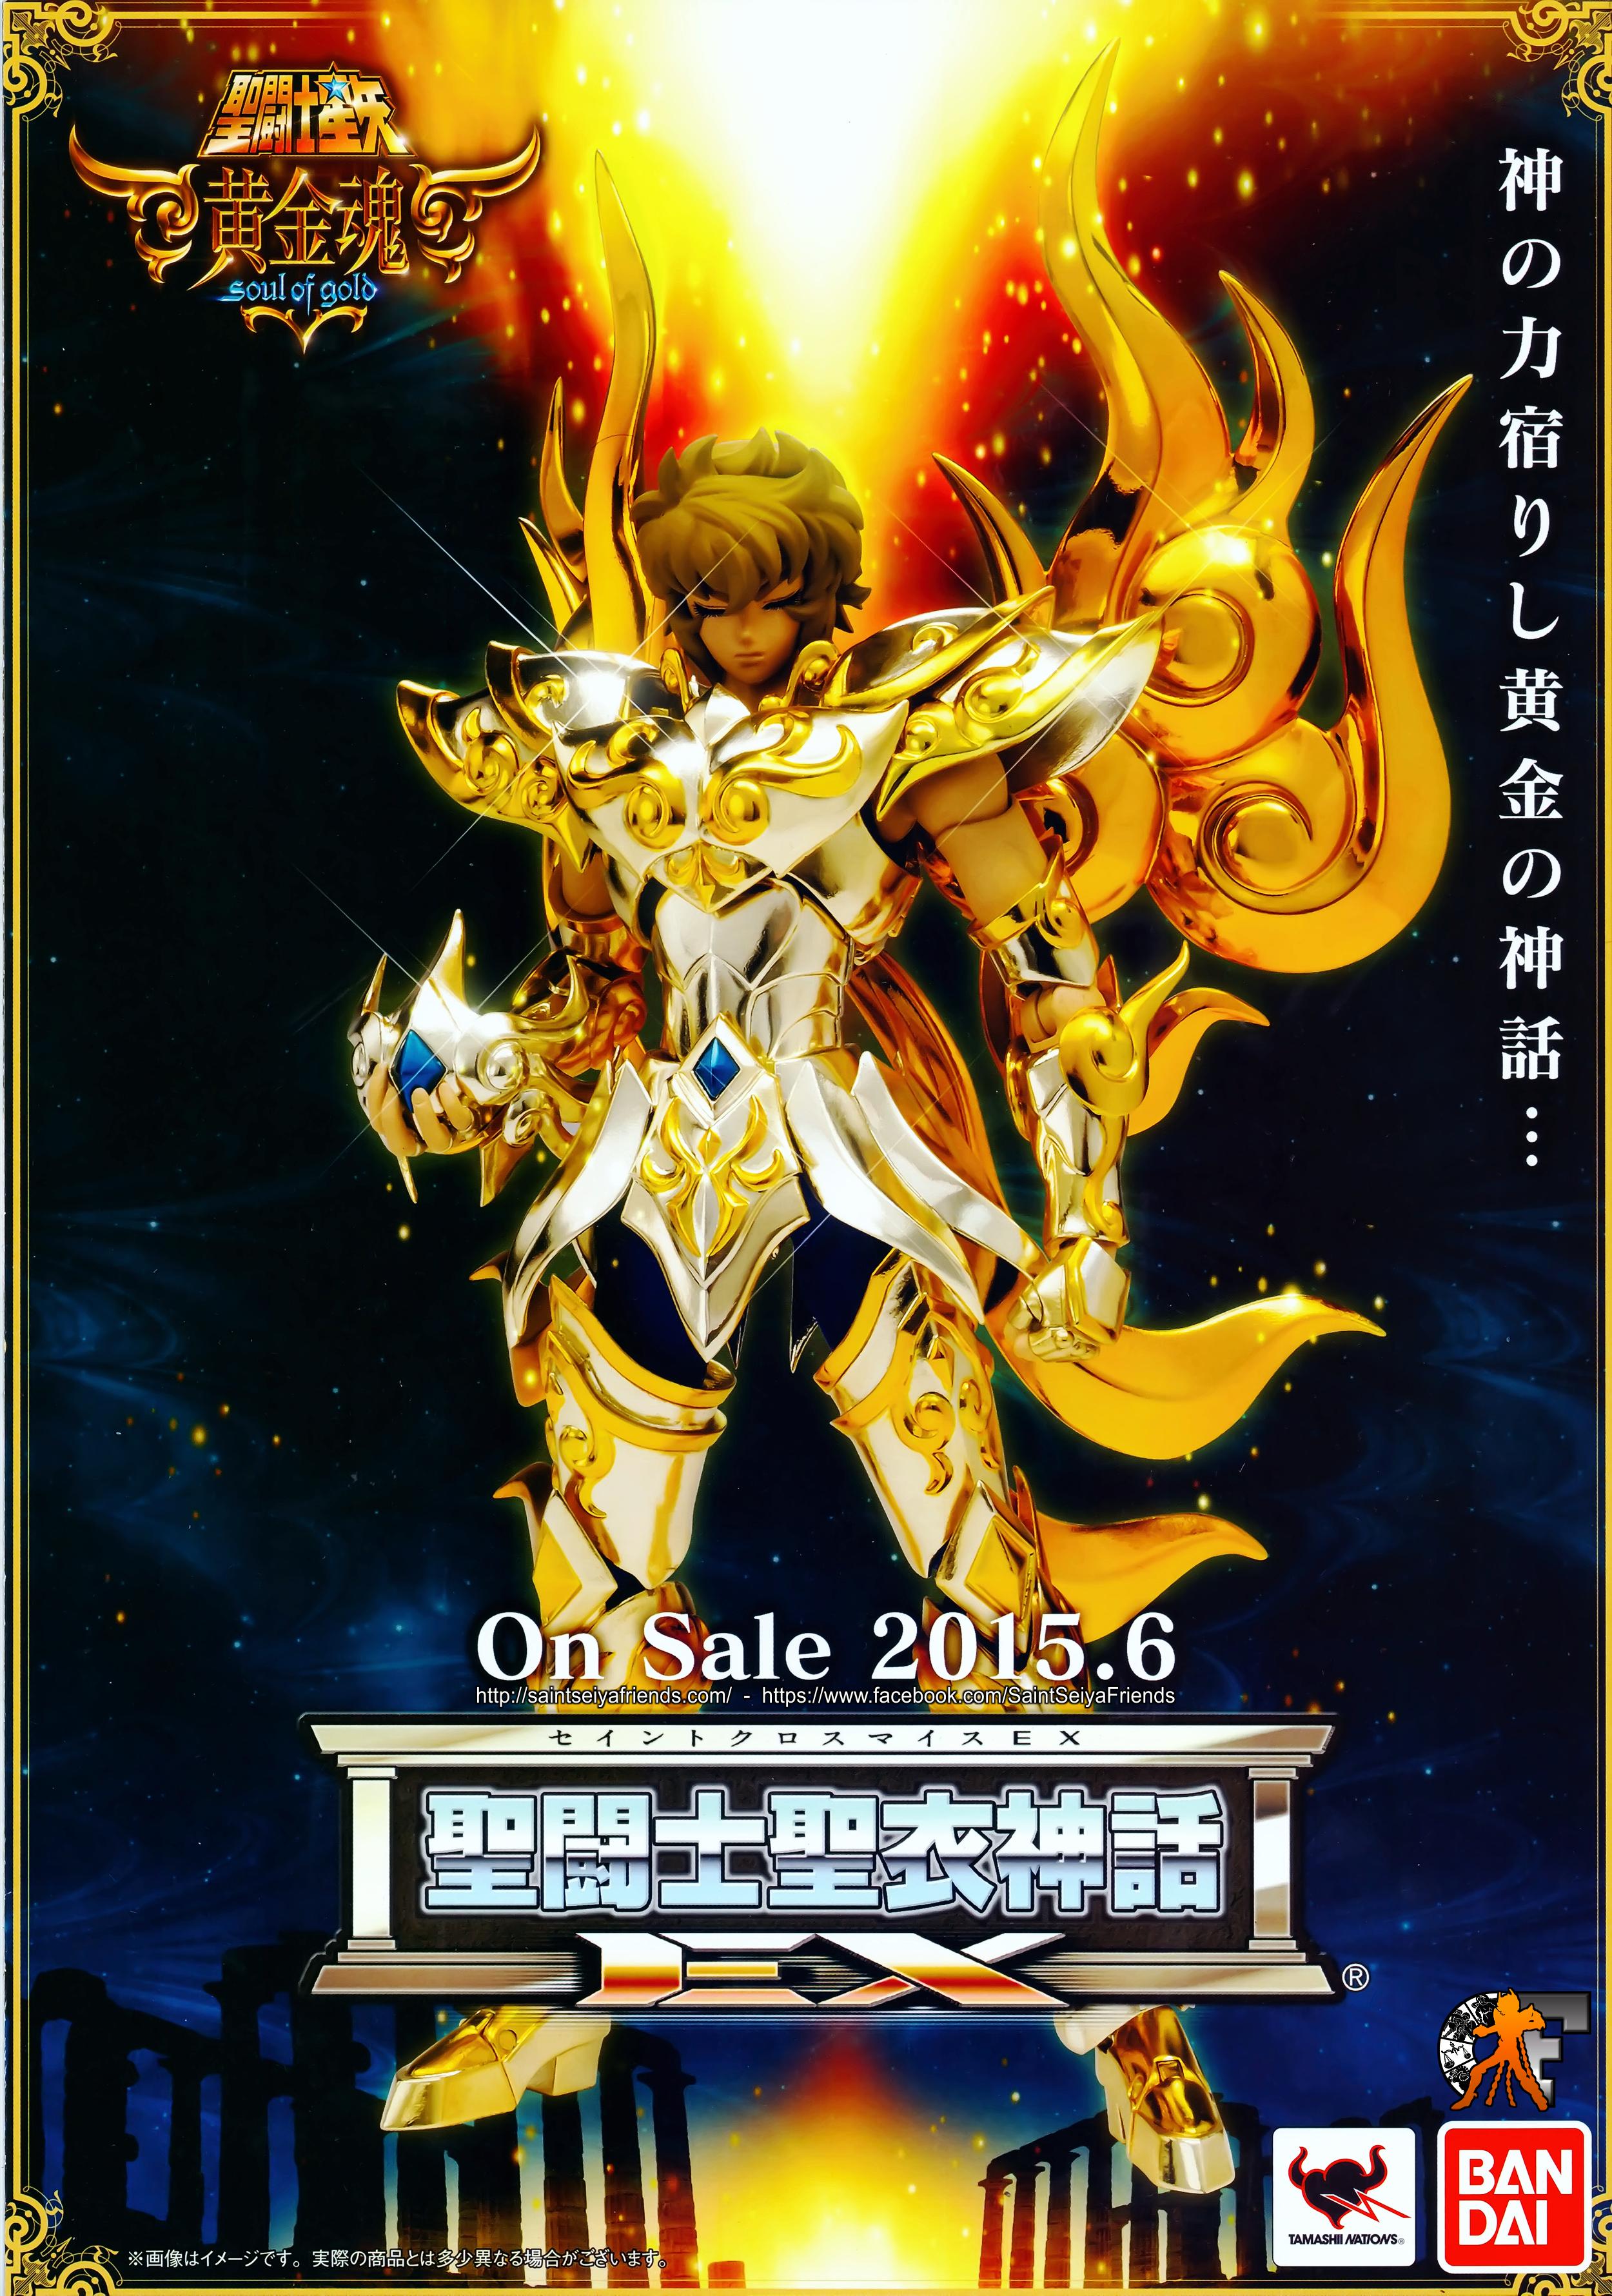 [Comentários] Saint Cloth Myth EX - Soul of Gold Aiolia de Leão - Página 9 18910790279_db6def483f_o